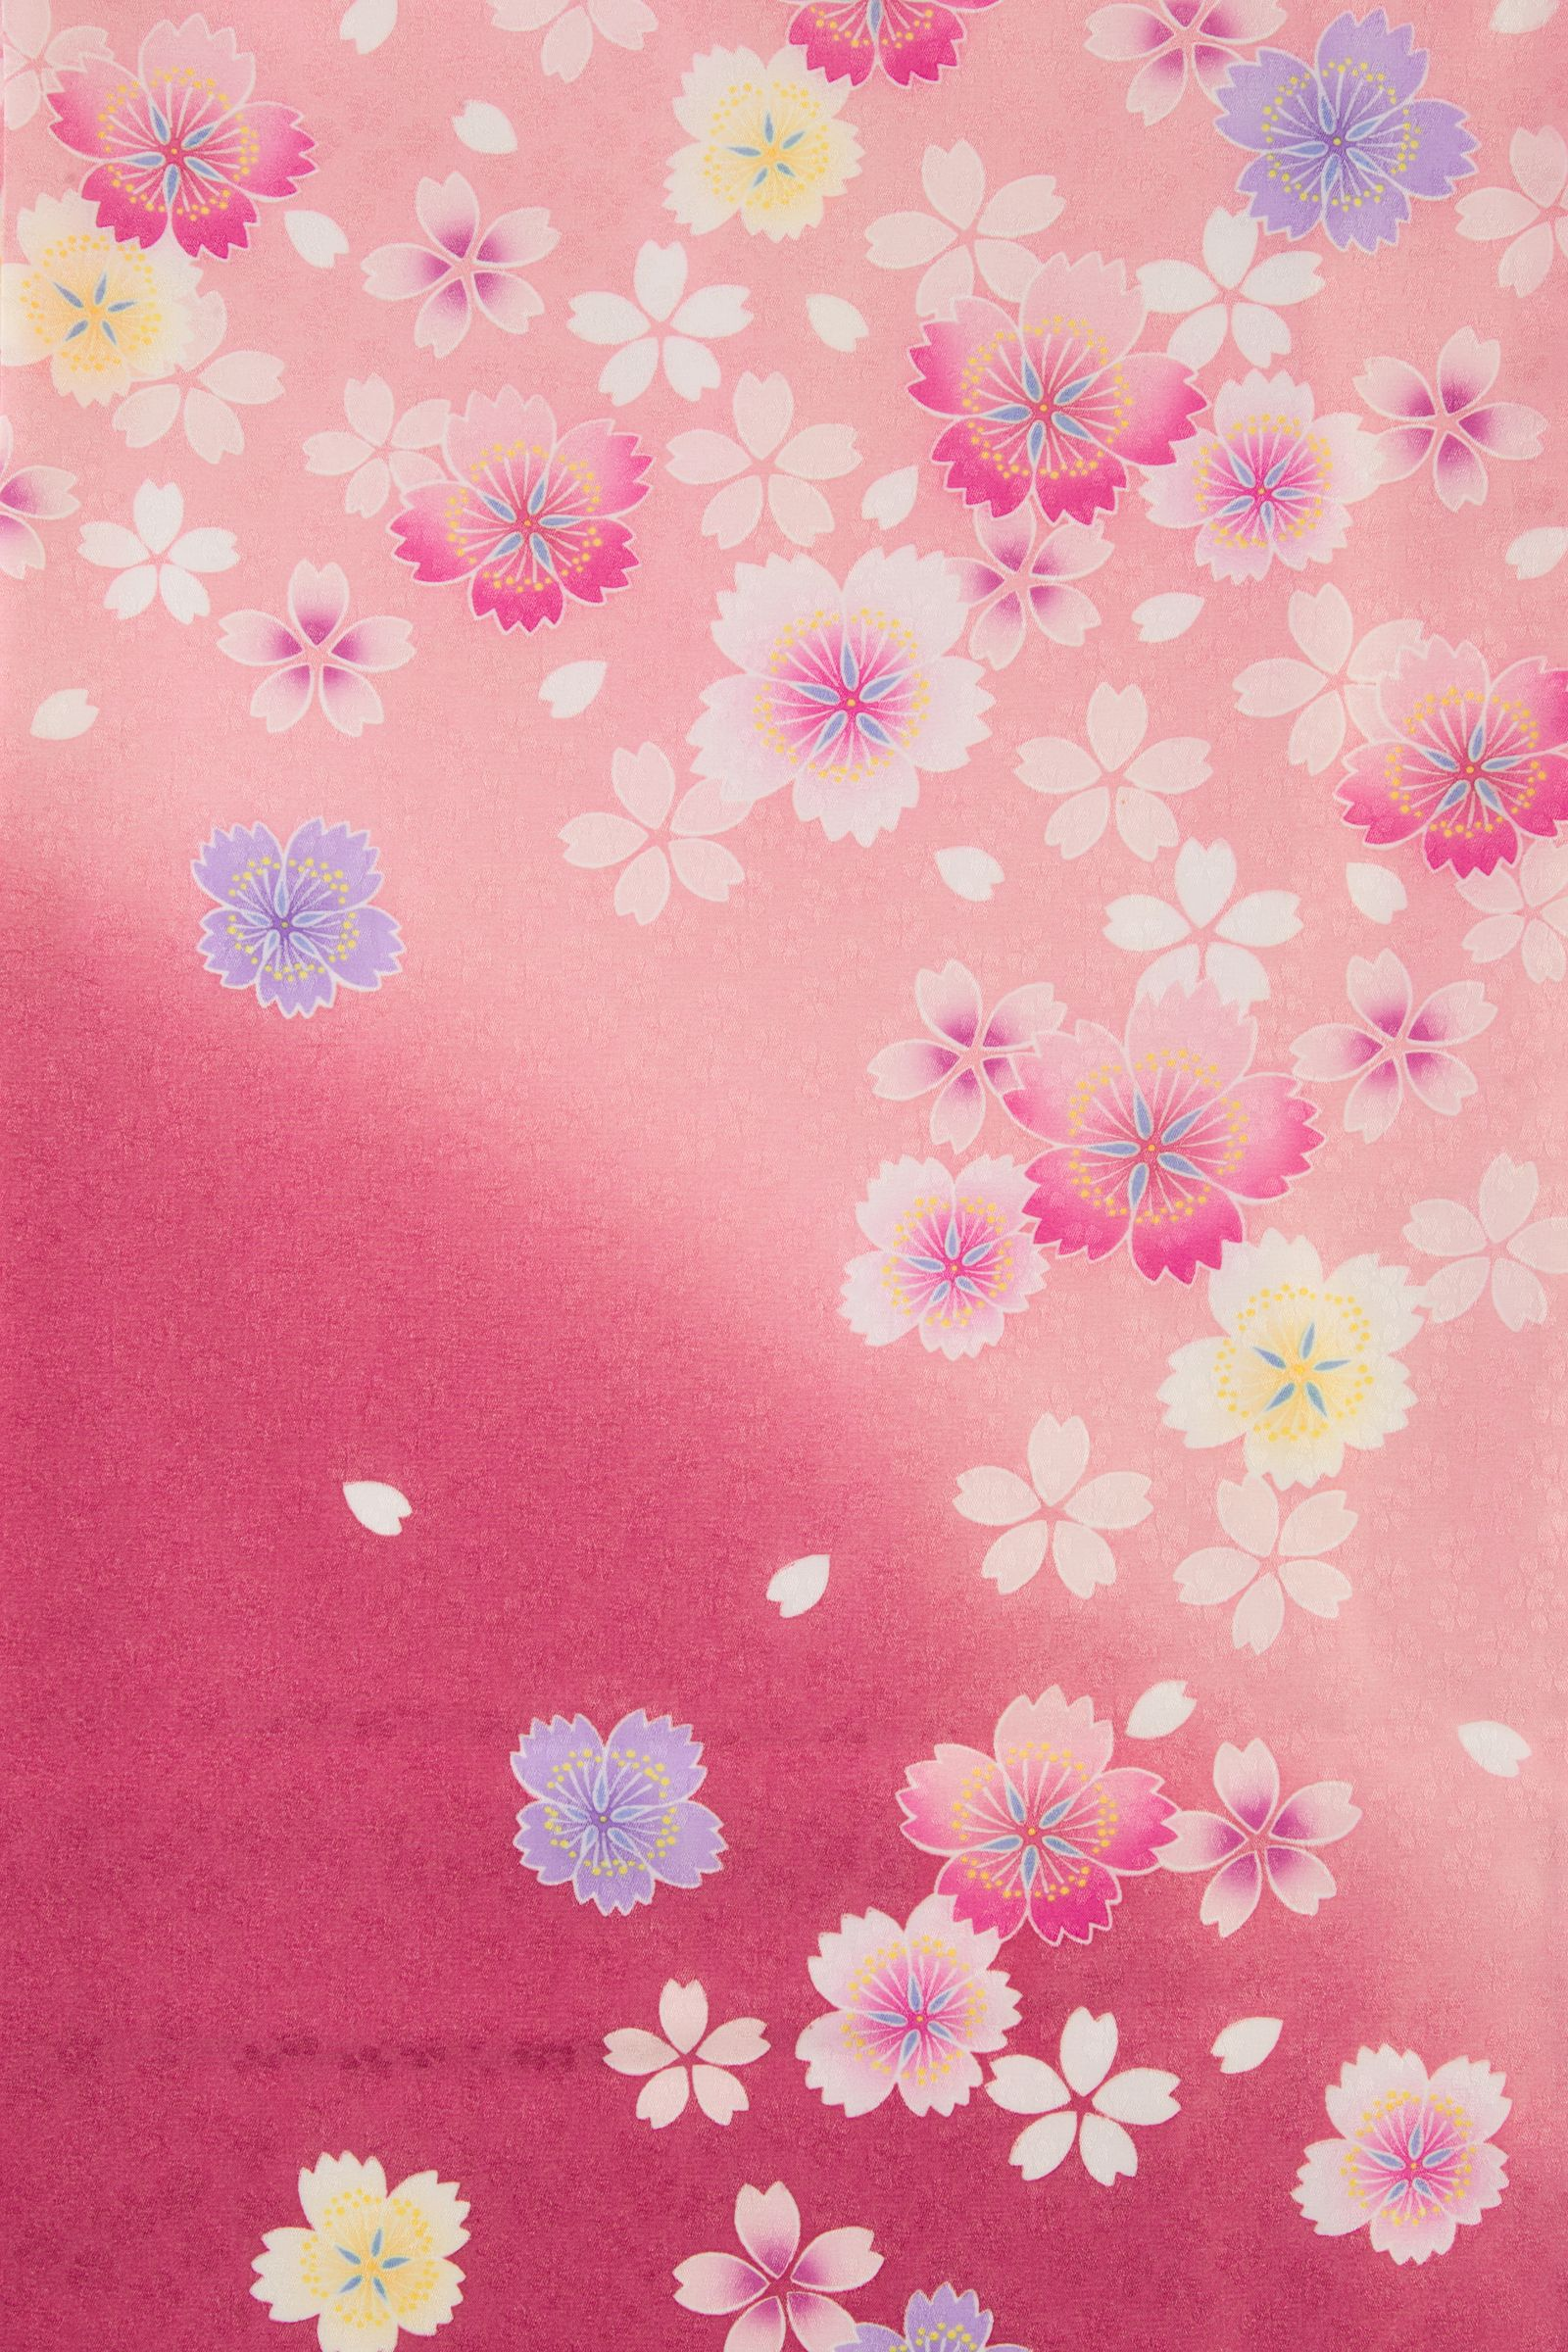 着物 no:815 商品名:ピンクボカシ いろ桜 | サクライラスト